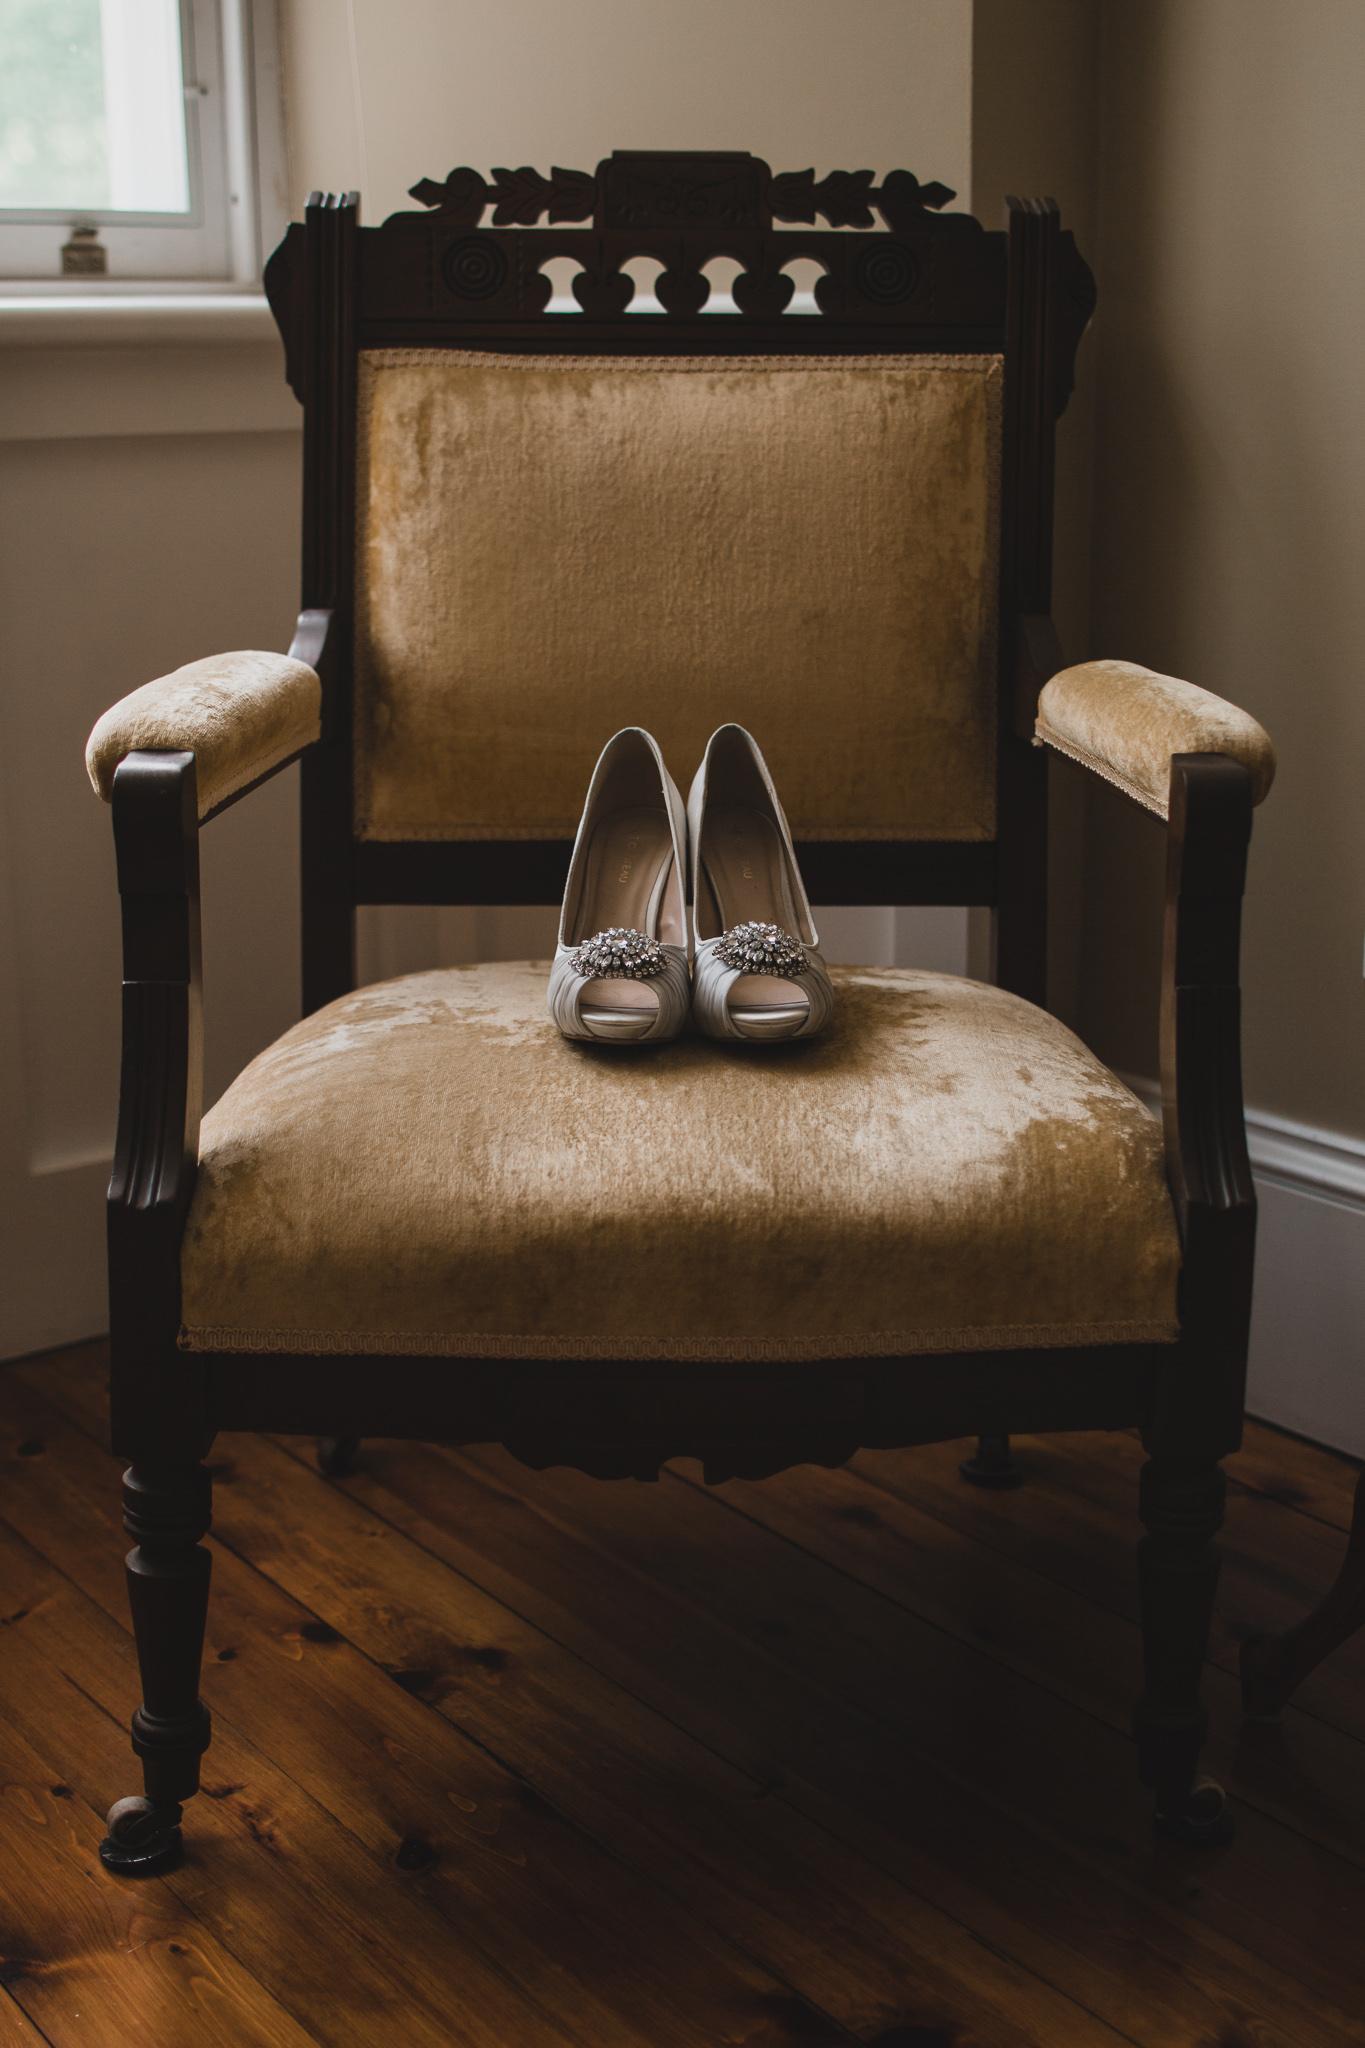 Vintage chair, bride's details